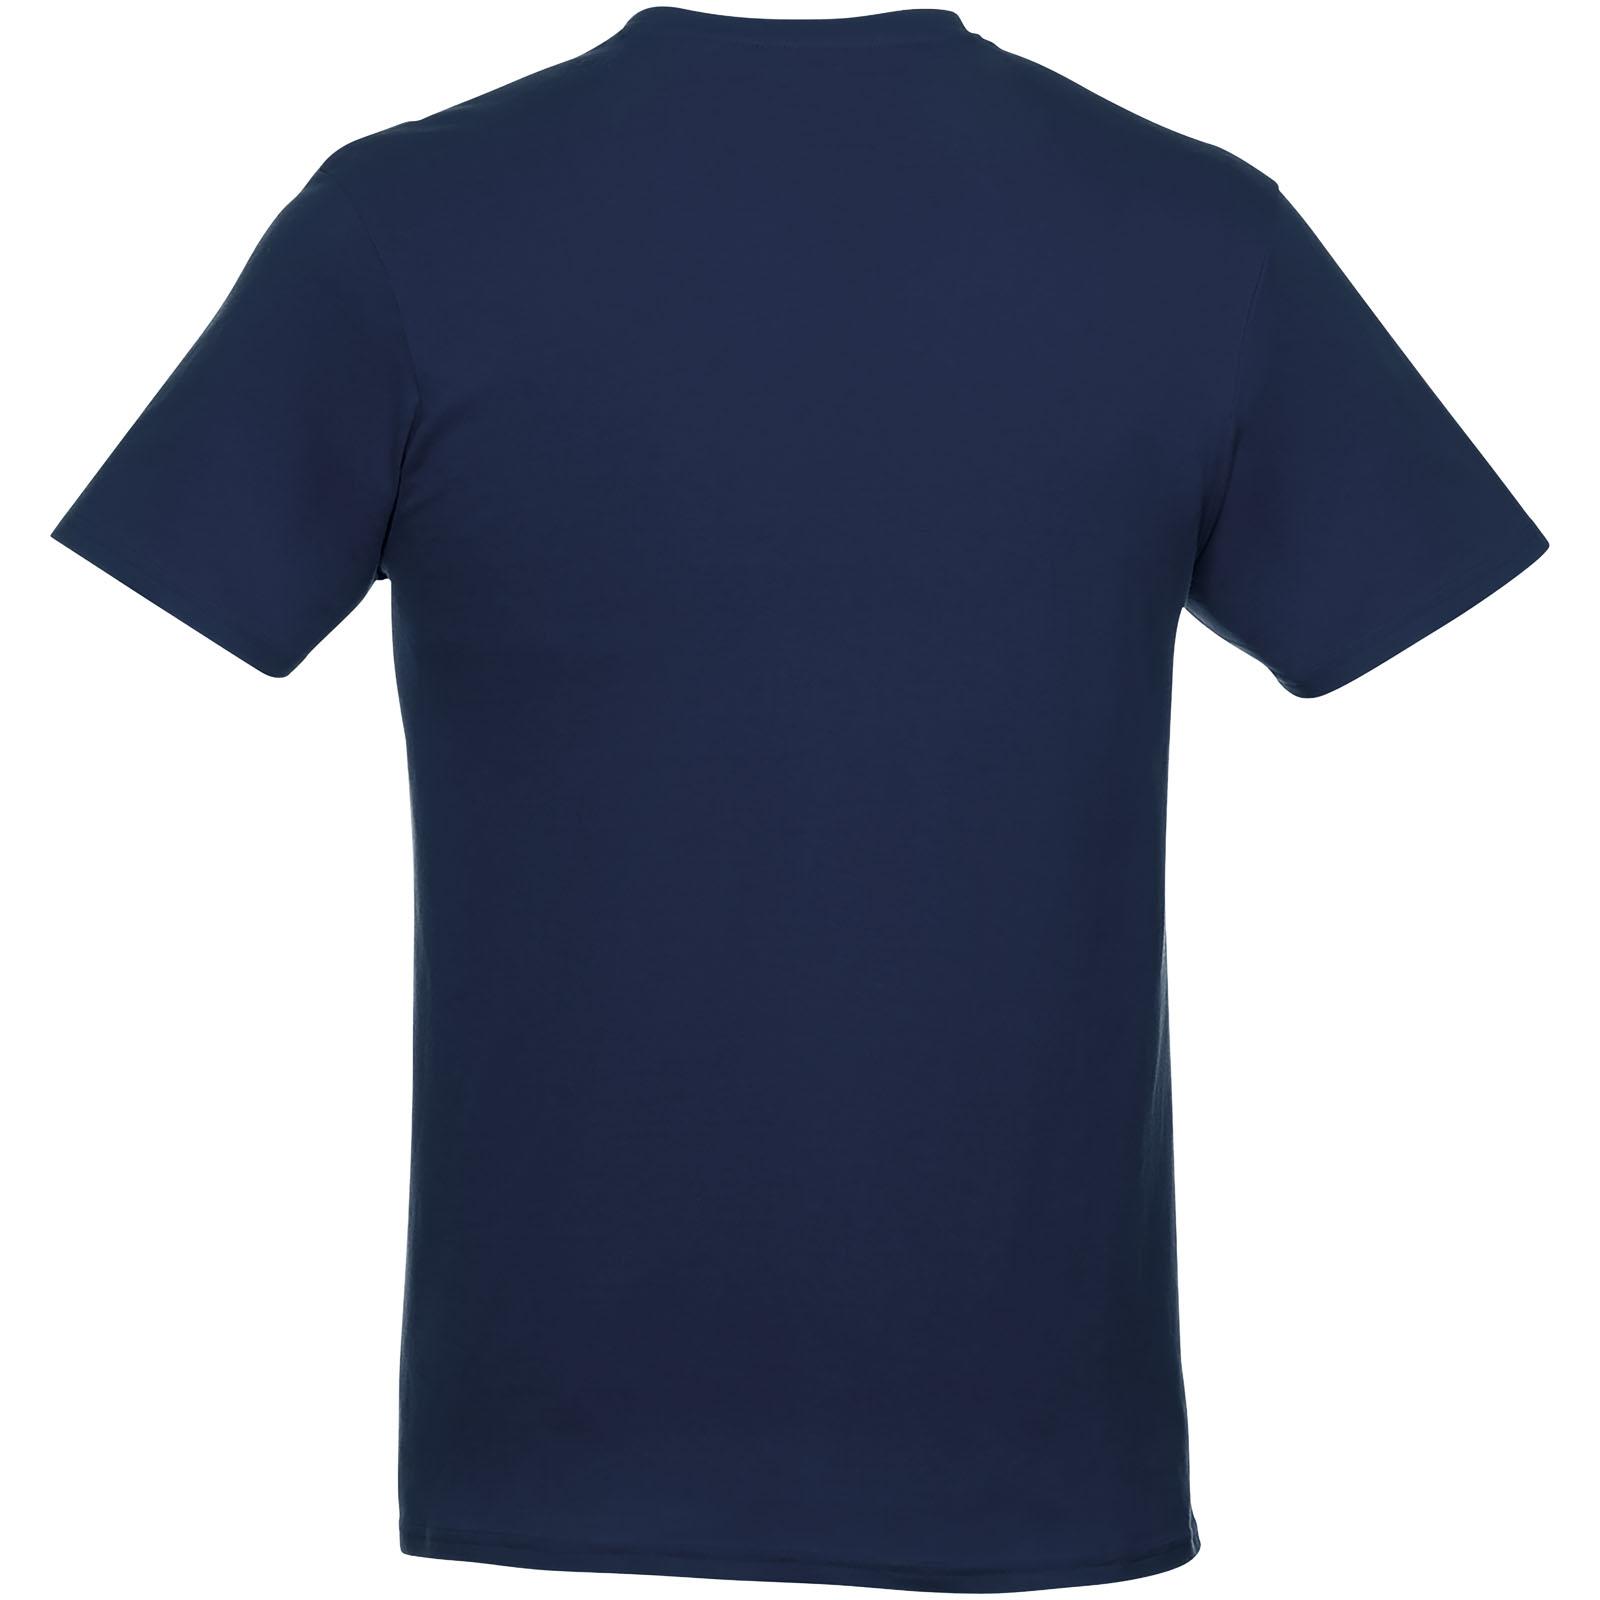 Marineblå t skjorte mkrage | Wheat | T skjorter kortermet